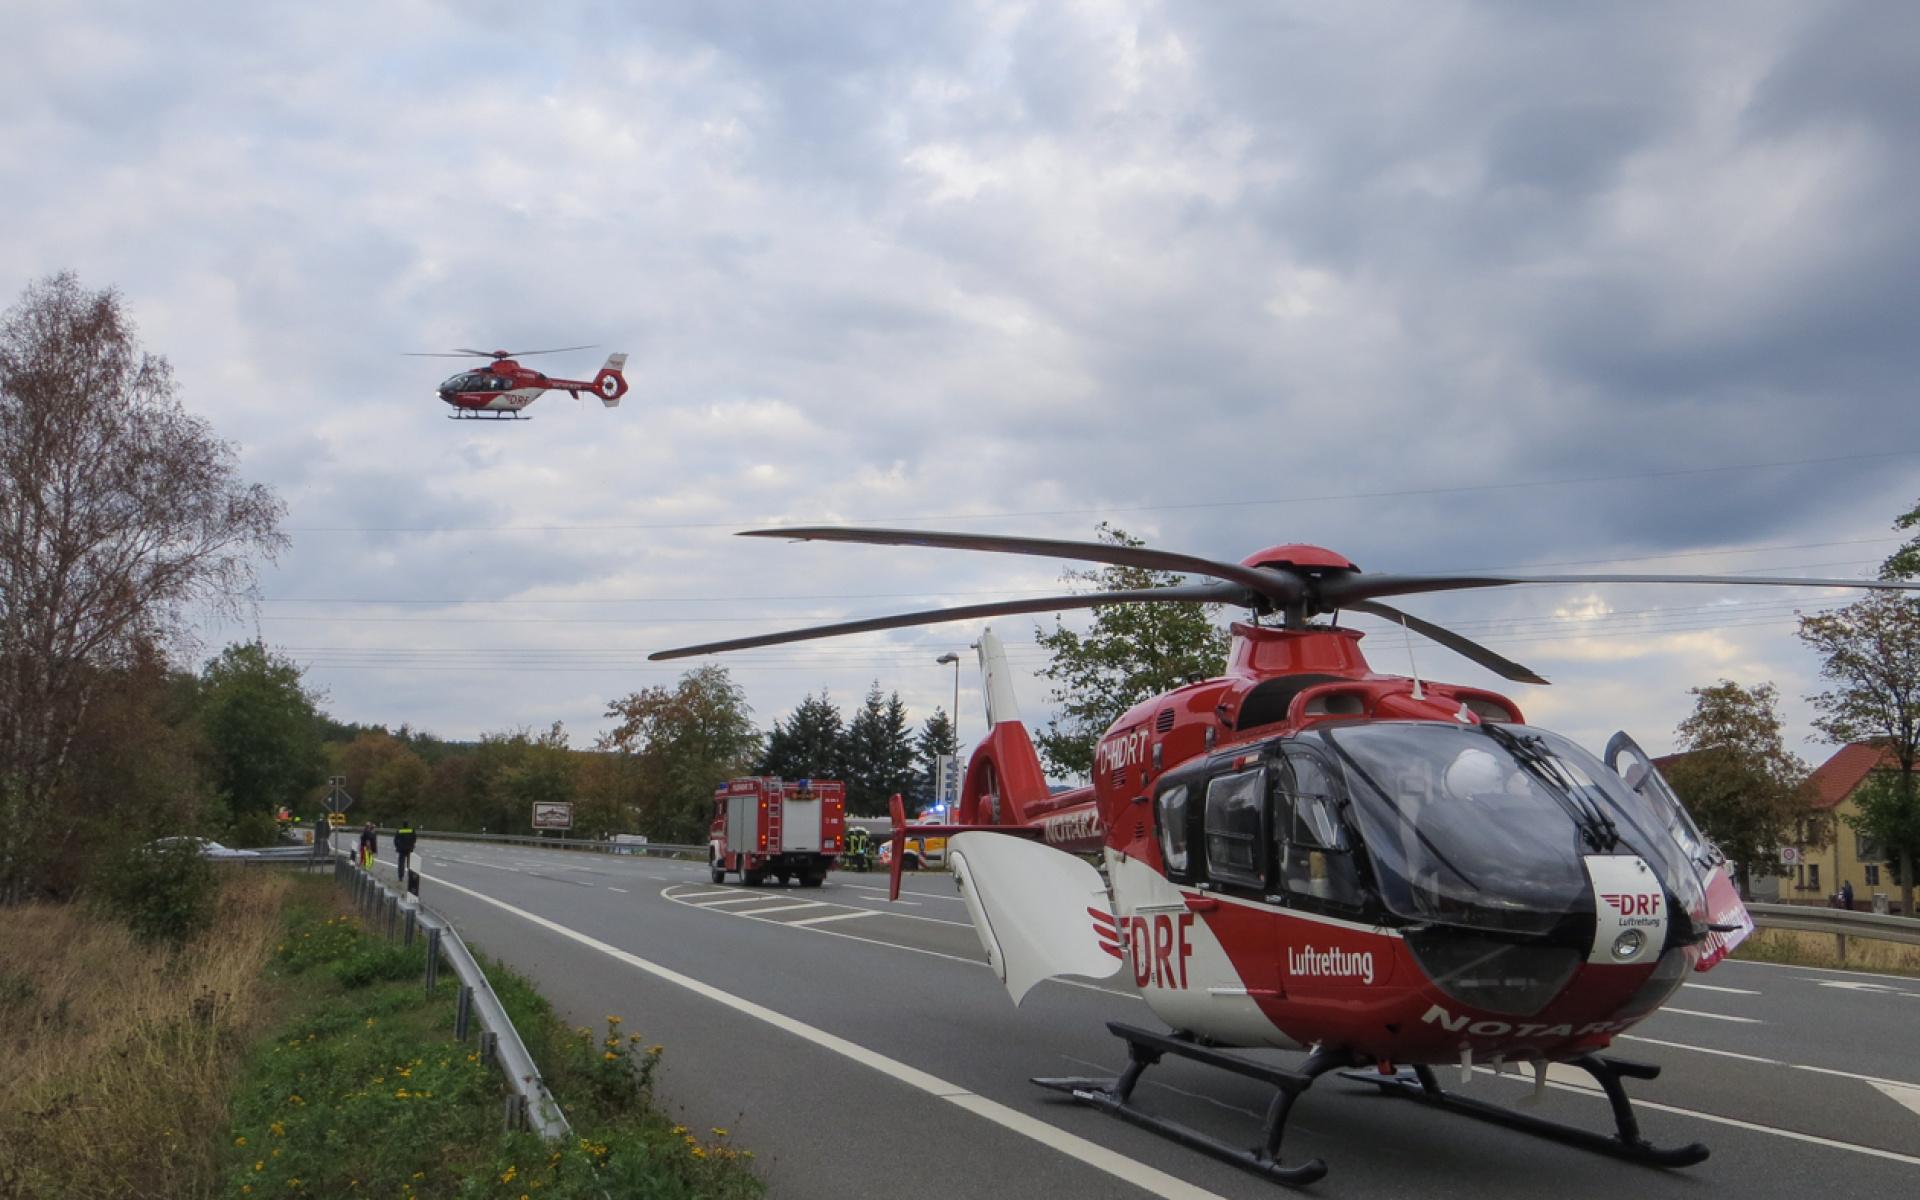 Glleich zwei Hubschrauber der DRF Luftrettung wurden zu einem Unfall alarmiert.